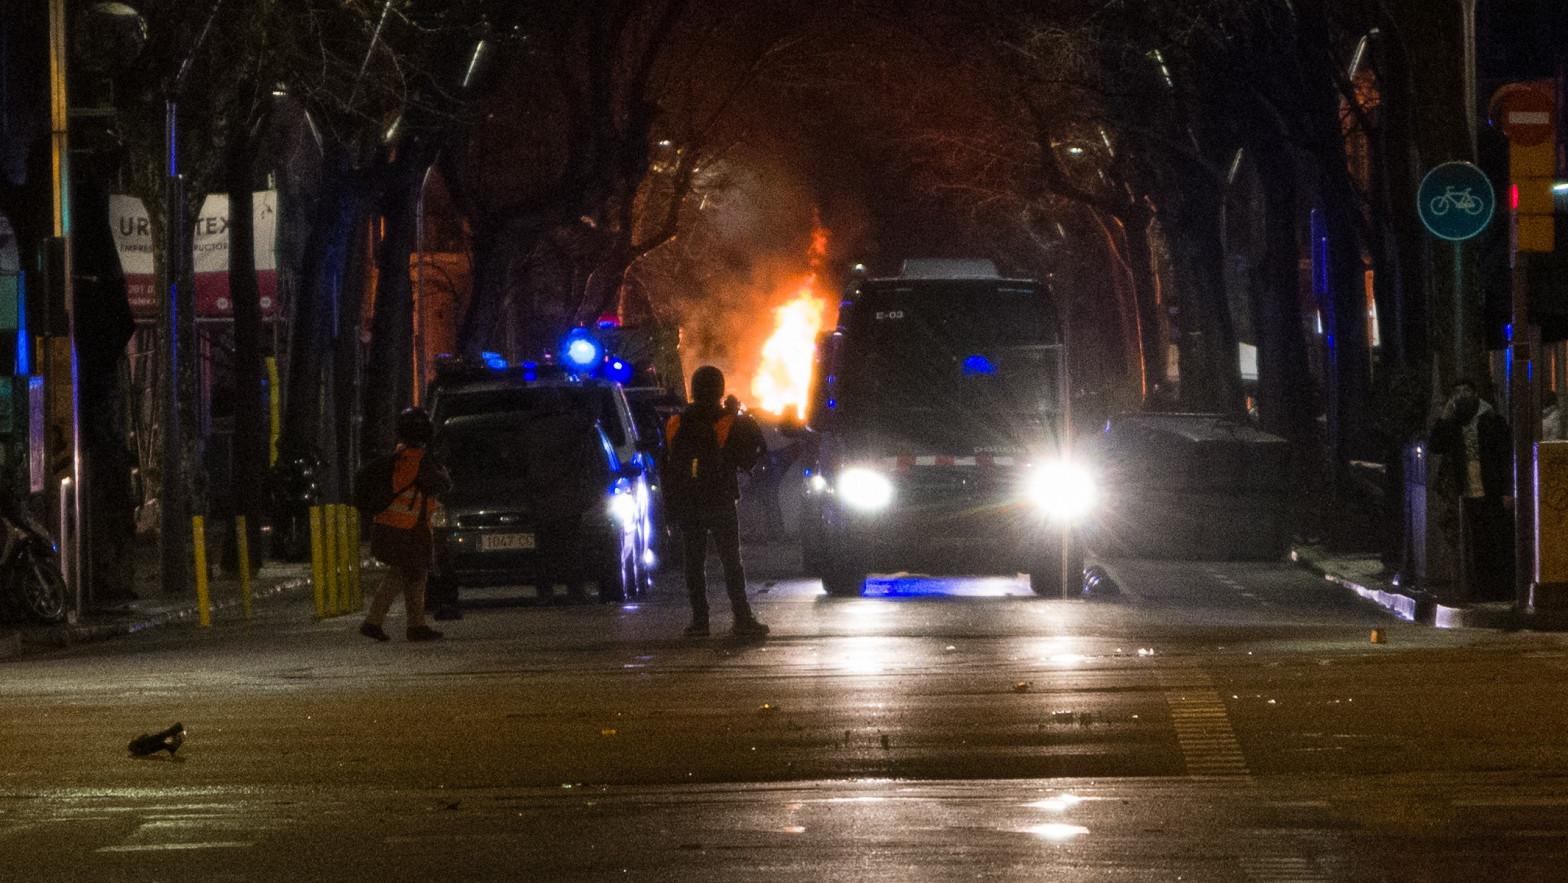 El rechazo de Unidas Podemos impide una declaración del Congreso de condena de la violencia en las protestas por Hasel